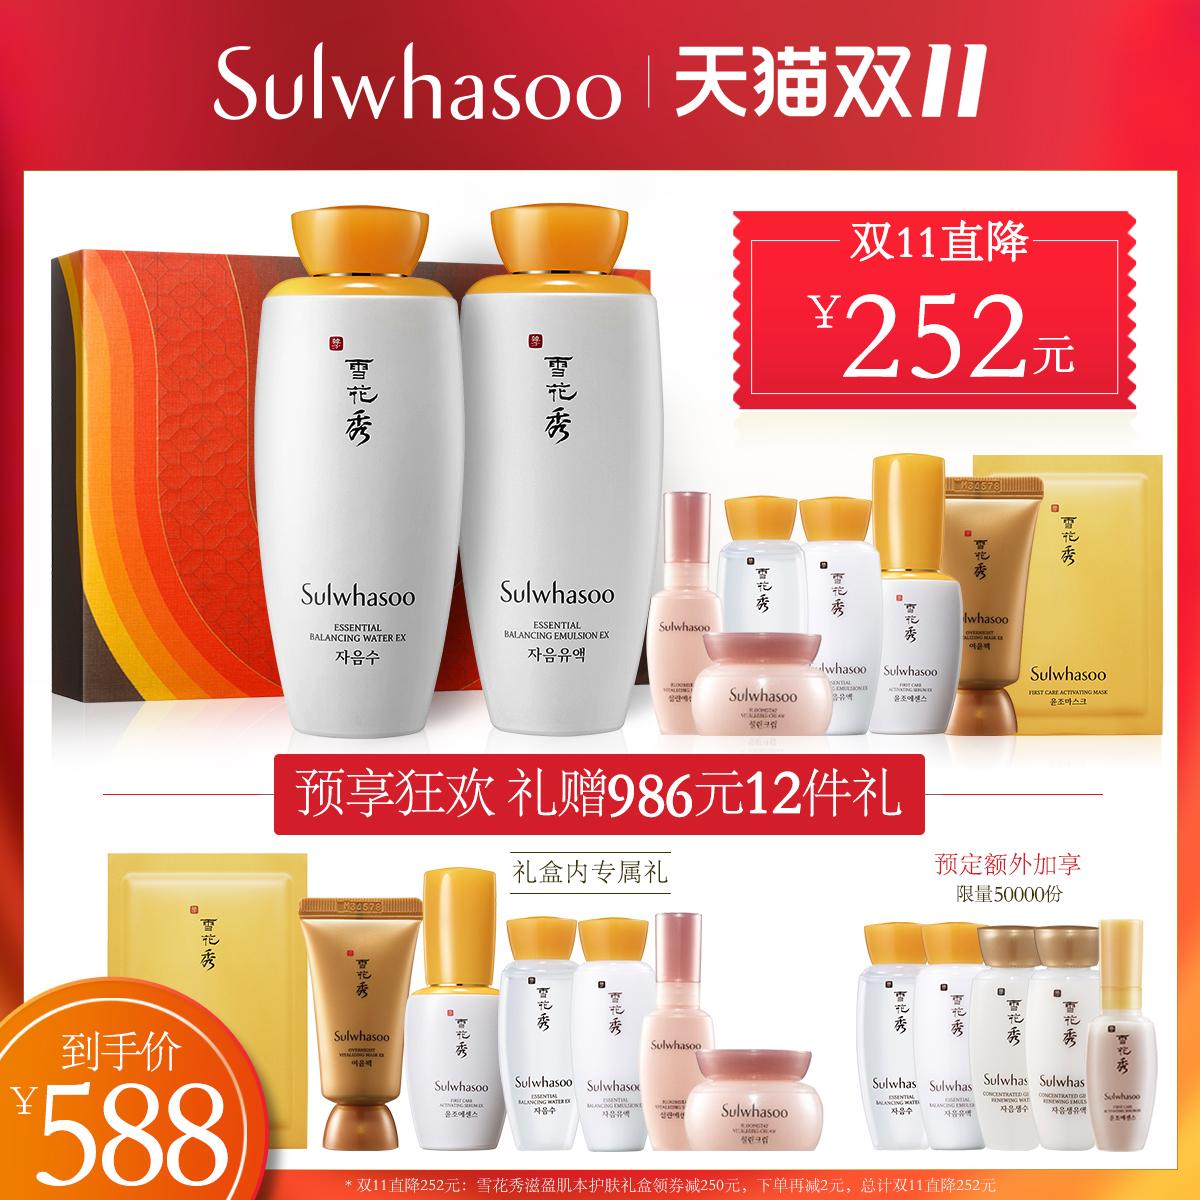 双11预售 Sulwhasoo 雪花秀 滋盈肌本护肤礼盒 ¥588包邮(需定金100元) 赠价值986元小样套装